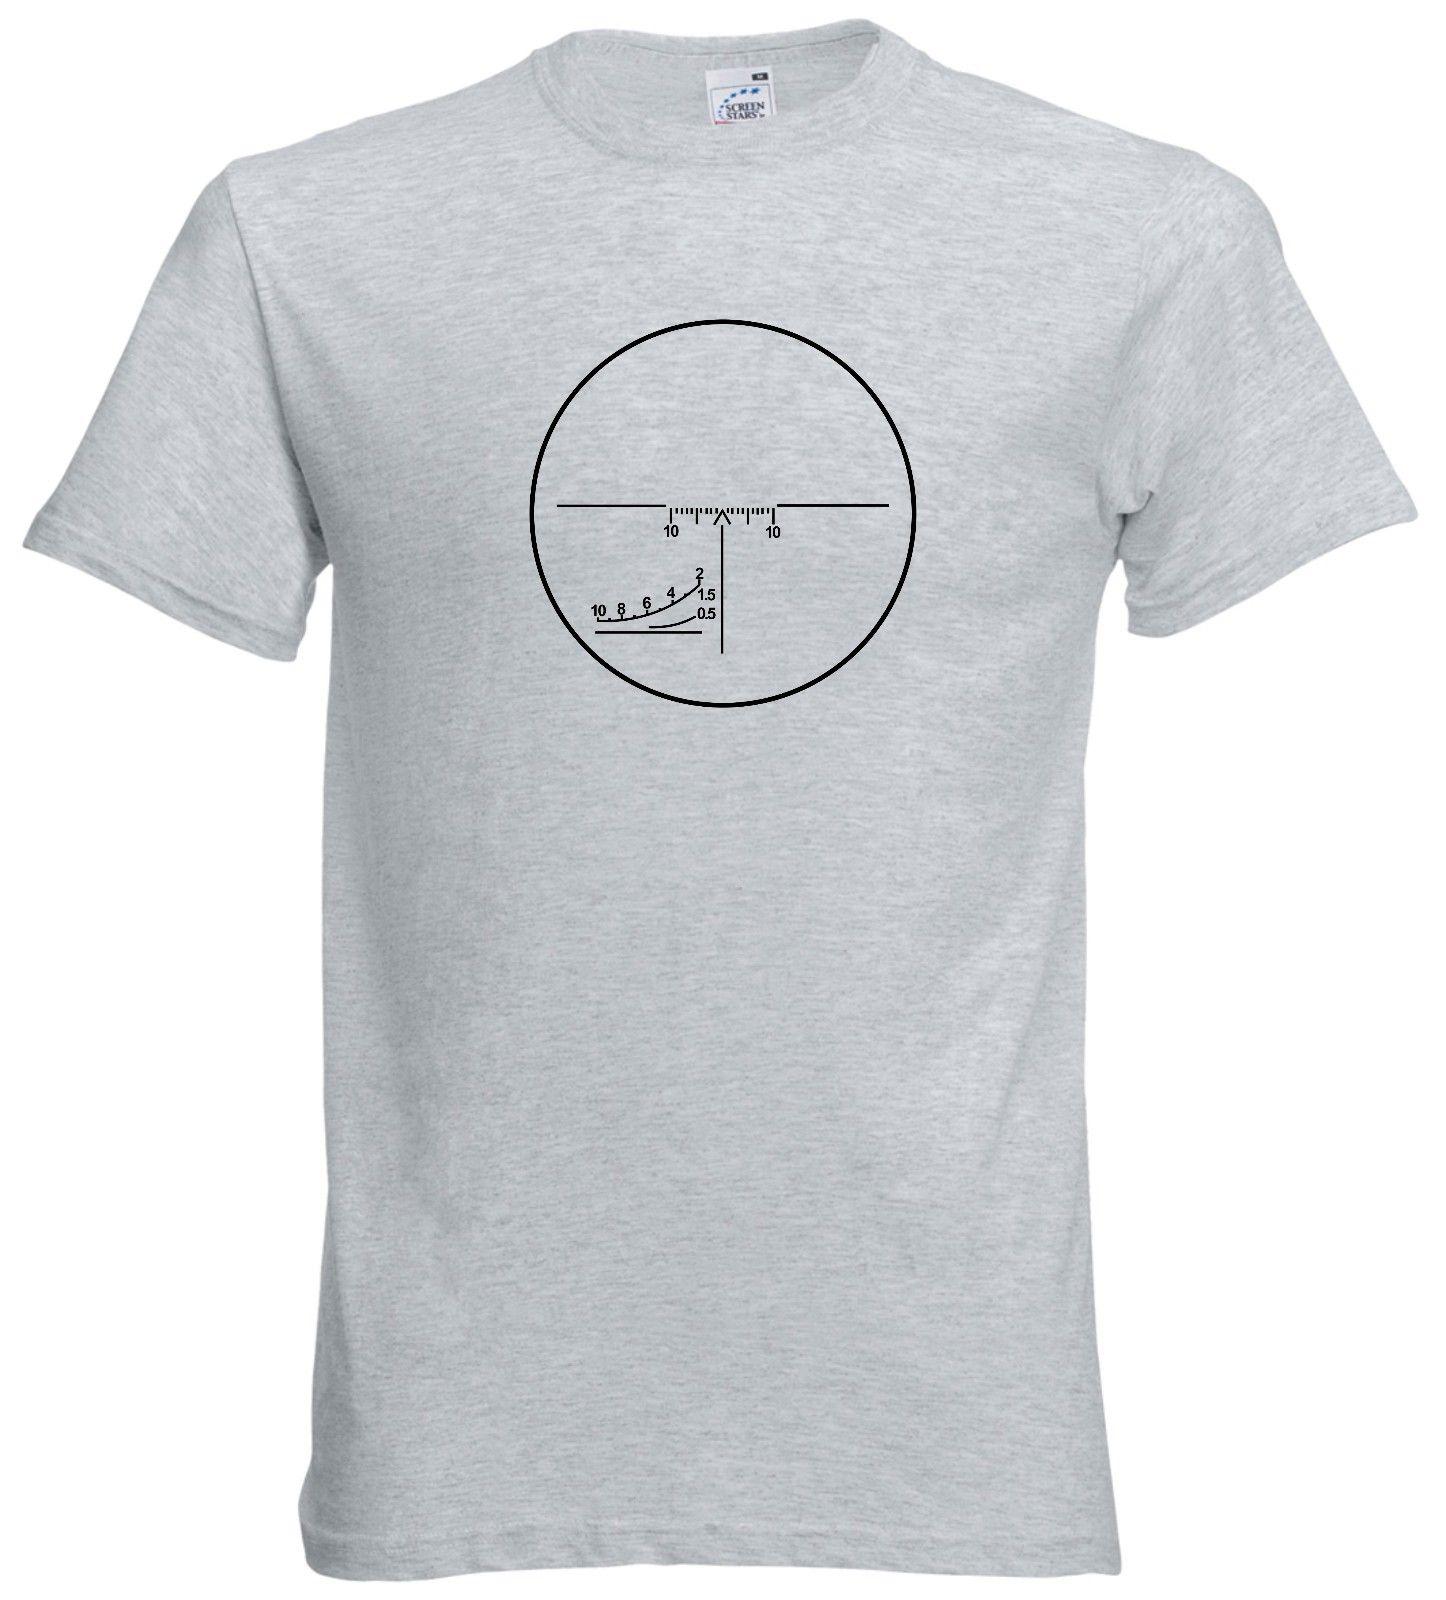 Alerta Camiseta De Verano Venta Caliente De Los Hombres Camiseta Ruso Pso Dragonov Francotirador T Camisa Svd Psl Ak47 Akm Saiga 7,62x39